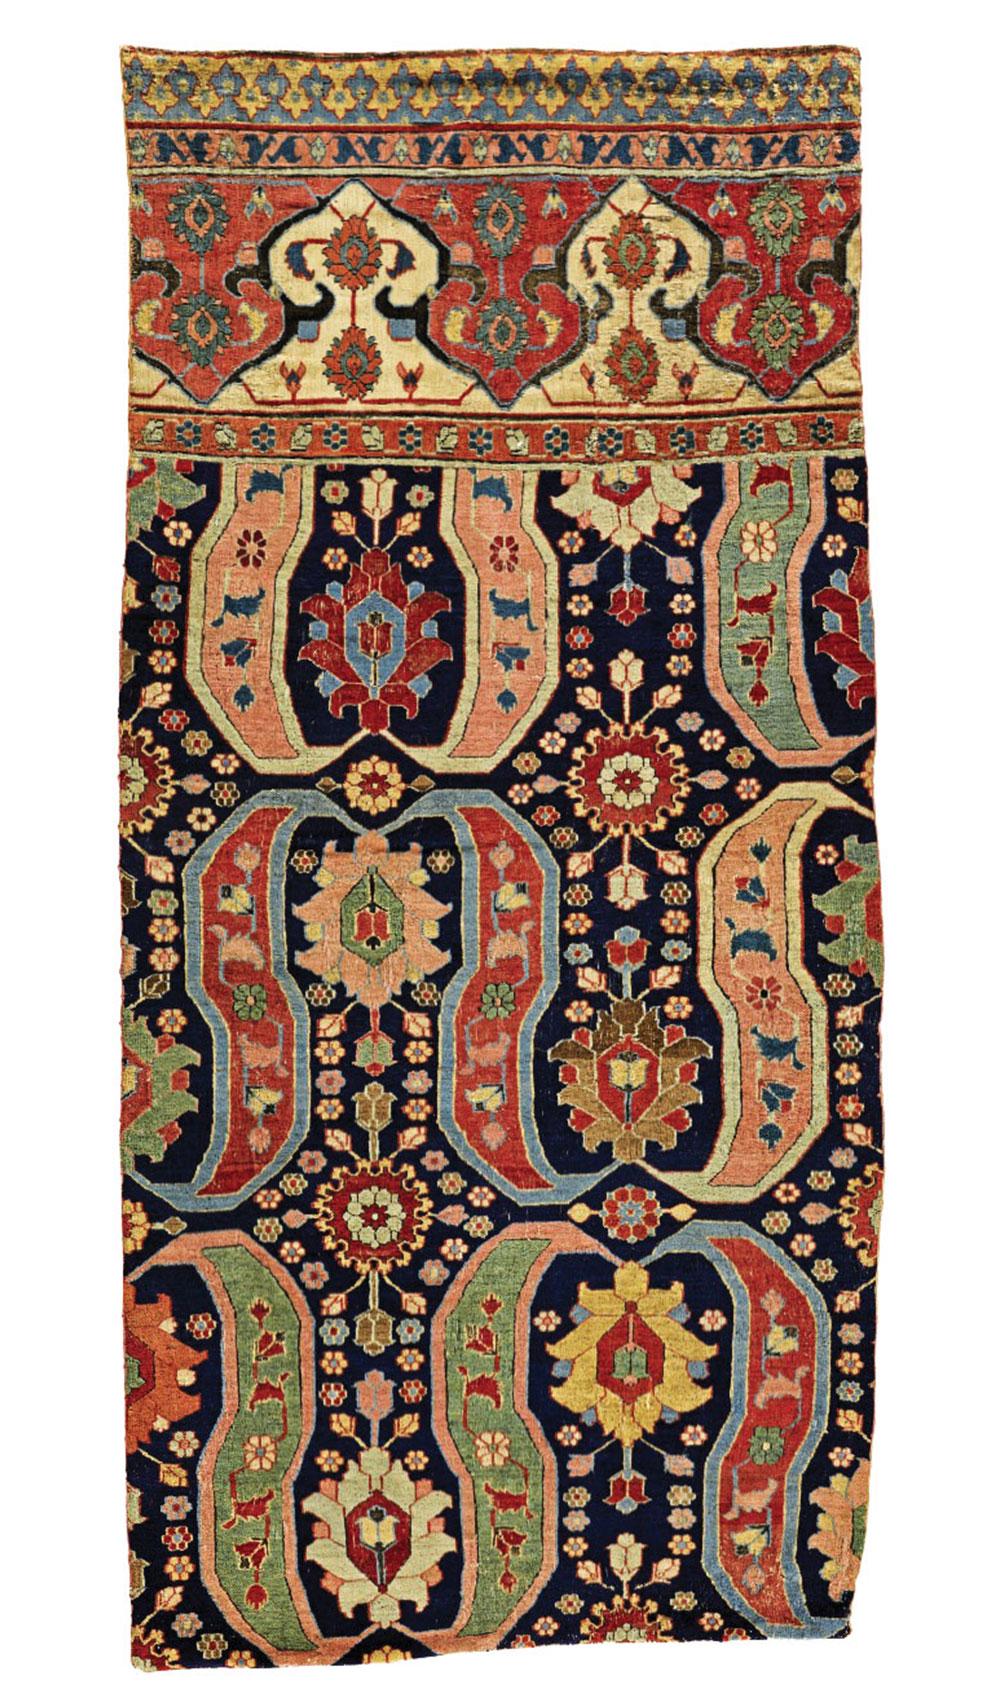 """Khorasan carpet fragment 17th century 1.12 x 2.49 m (3' 8"""" x 8' 2"""") Sotheby's London 10 June 2020, Lot 282 Est: £30,000-50,000 Sold: £35,000 ($44,650)"""